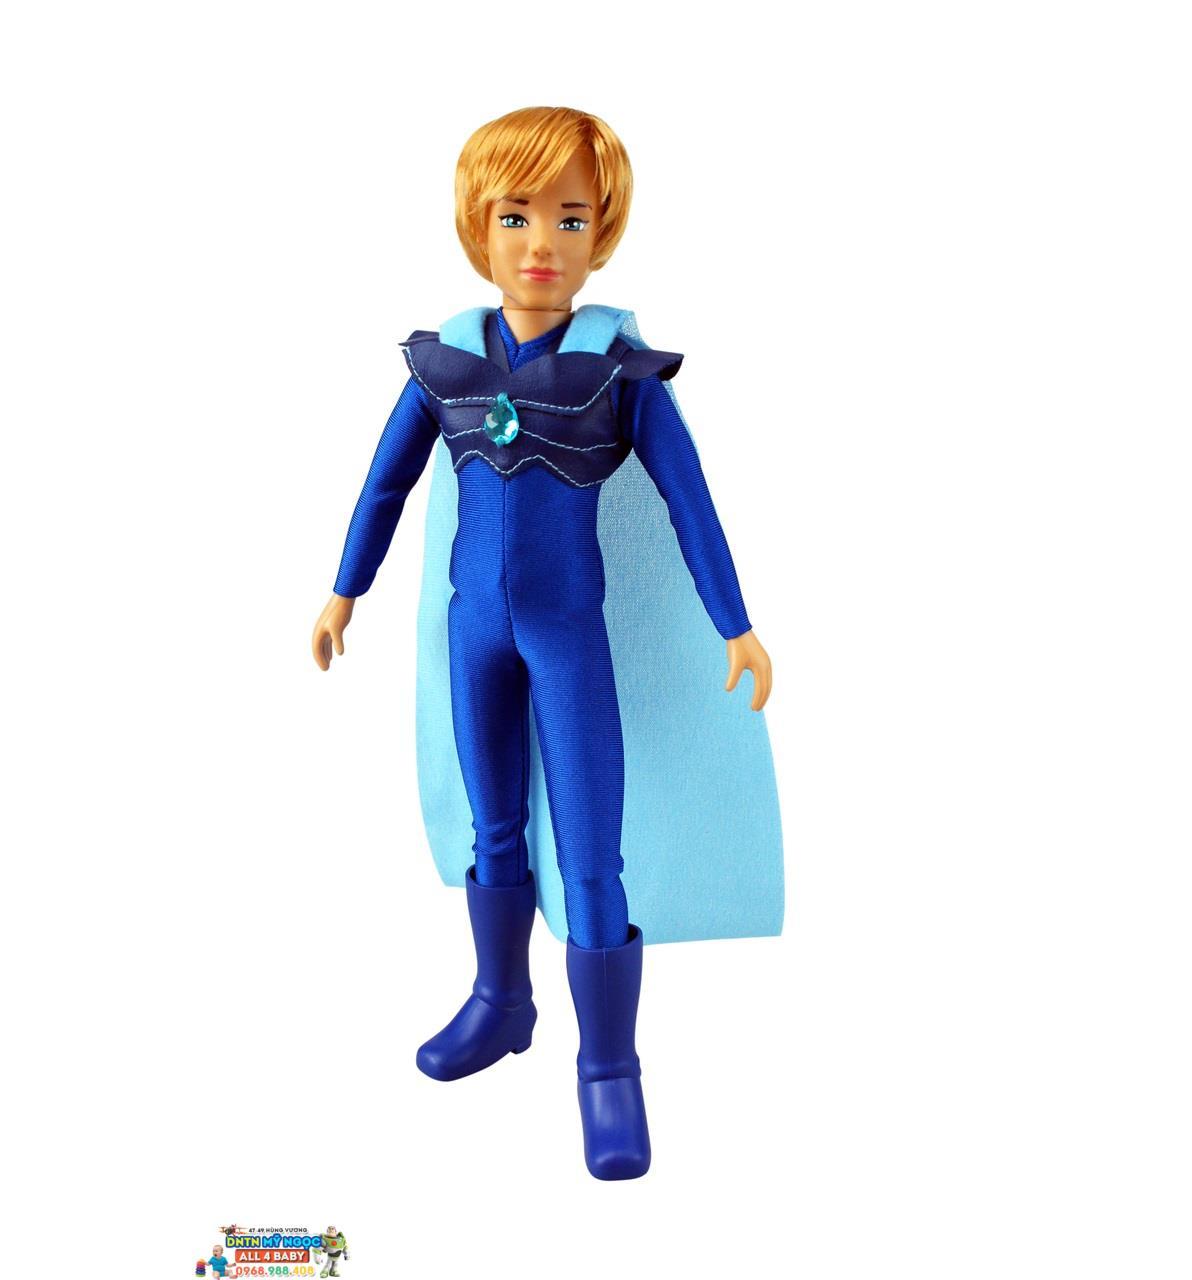 Búp bê nàng tiên Winx - Hoàng tử Sky IW01911419